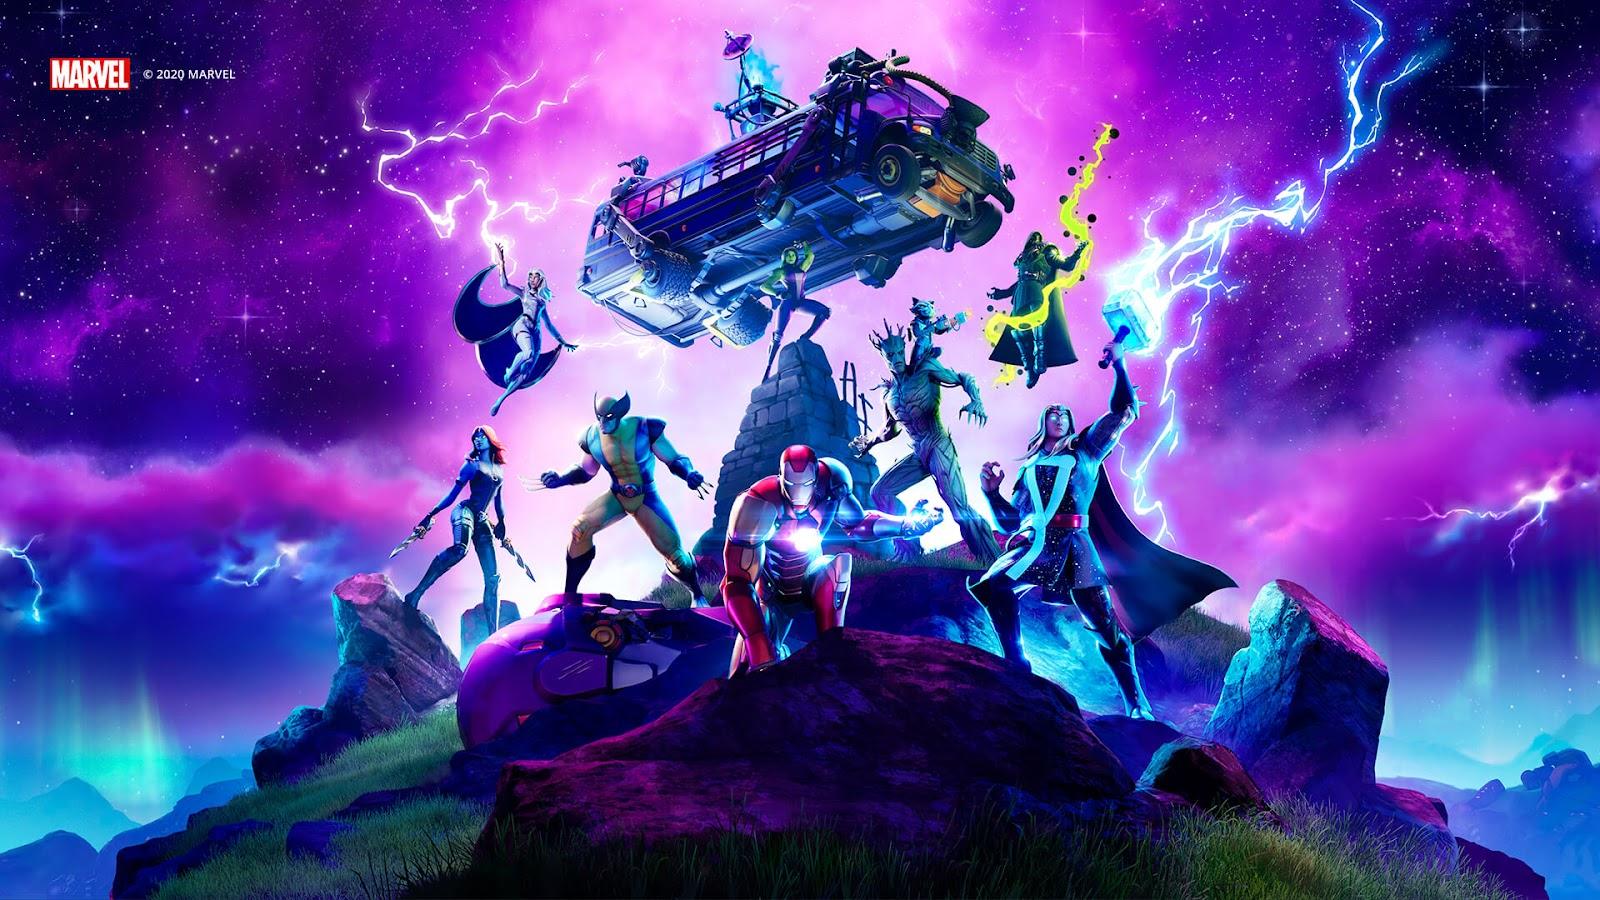 Lo mejor del 2020 para Andy - Fortnite Capítulo 2: Temporada 4